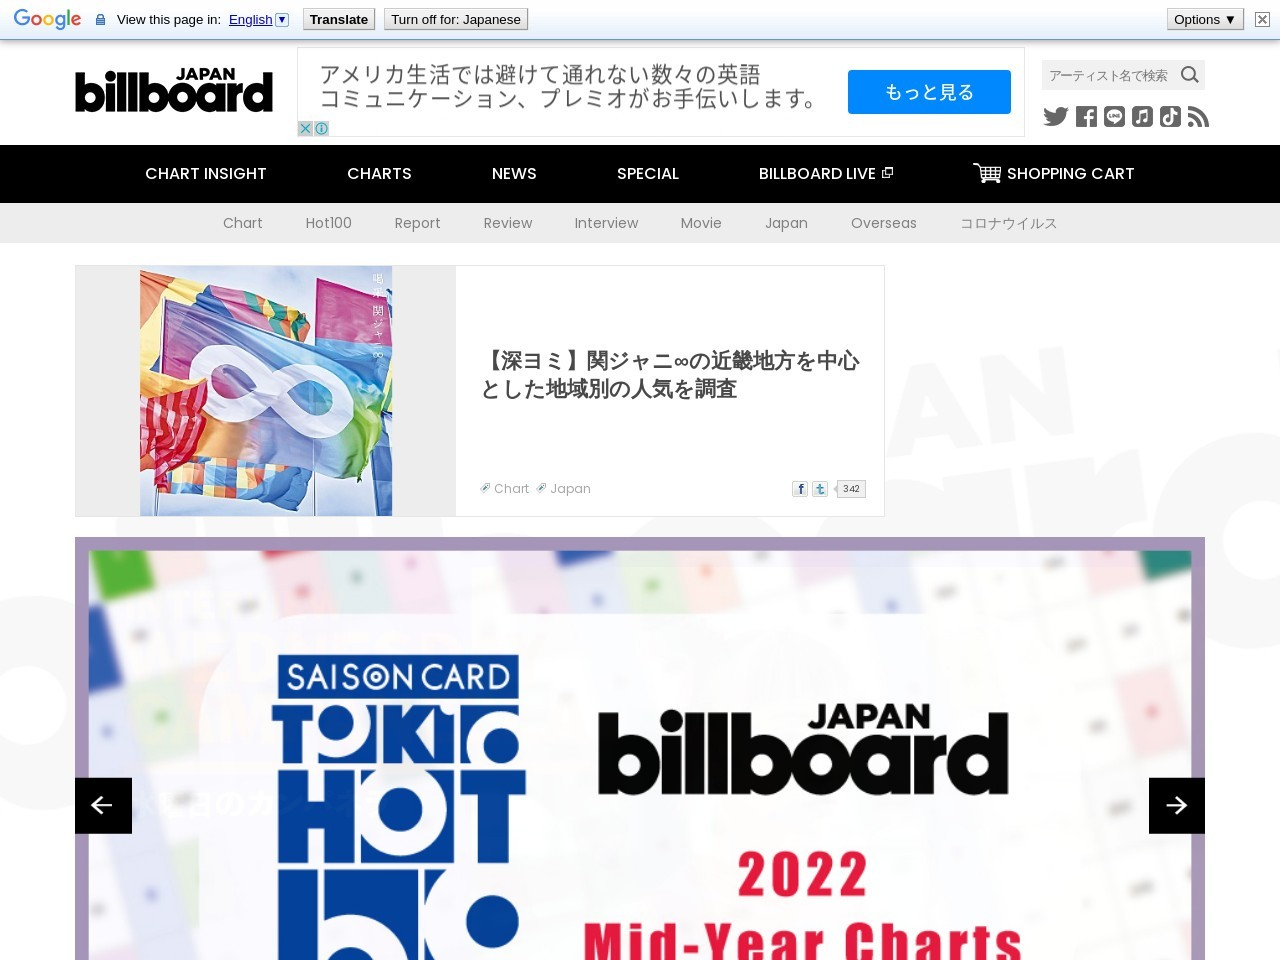 【ビルボード】ジャニーズWEST『ホメチギリスト/傷だらけの愛』が14万枚売り上げてセールス首位 Aqours …